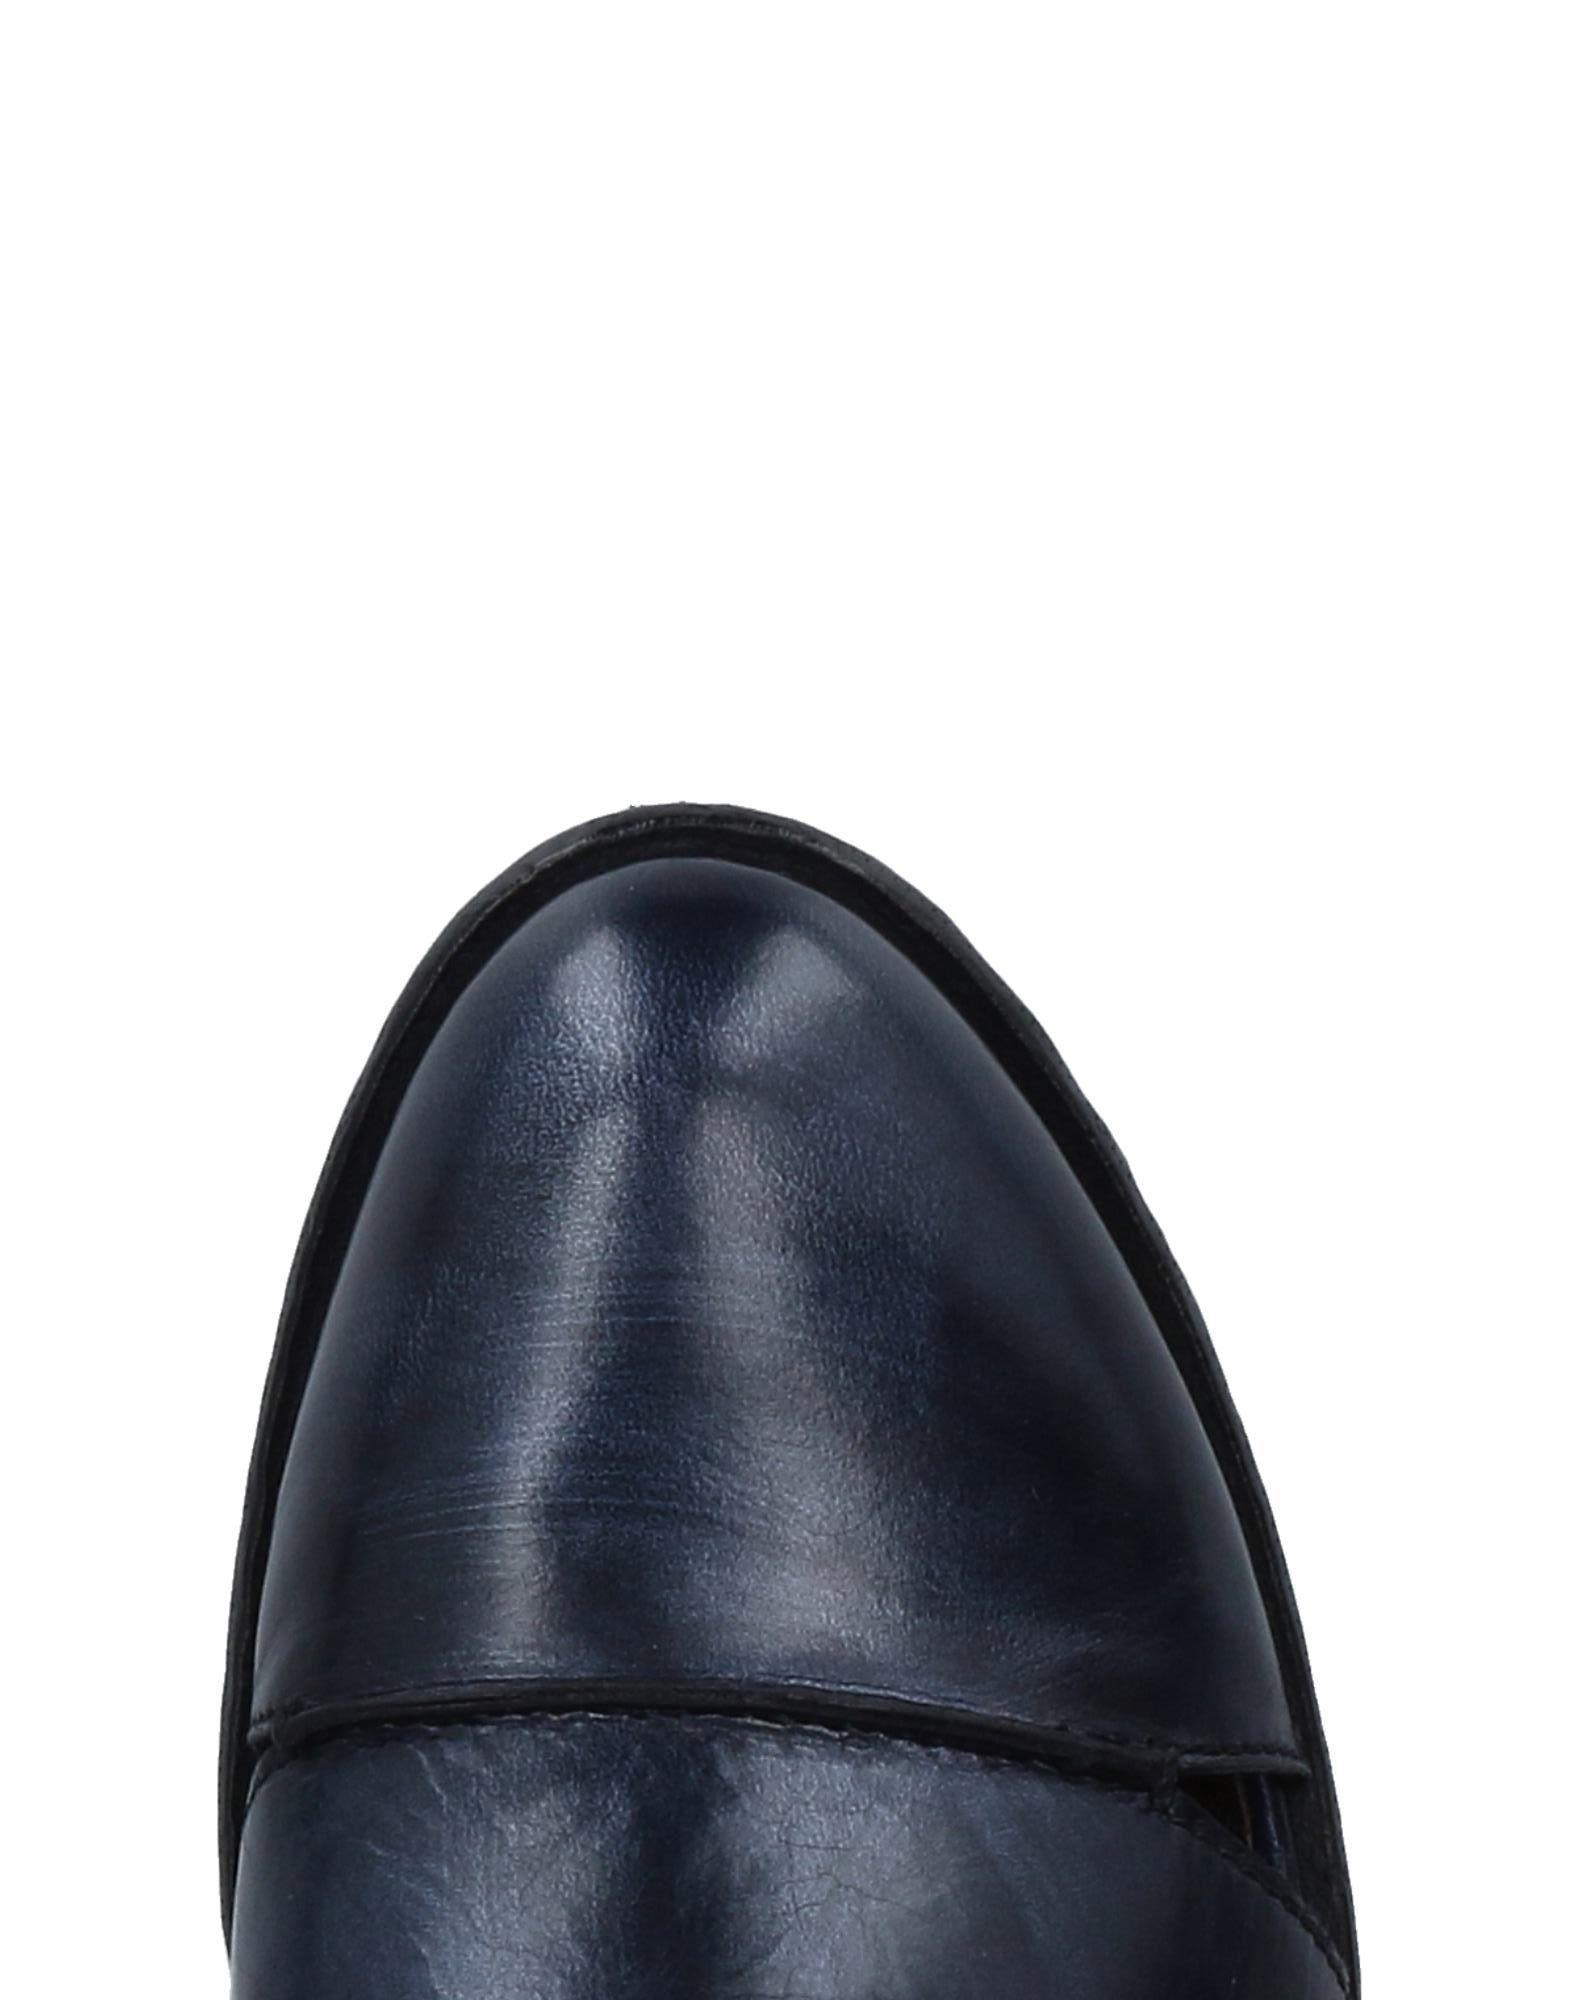 Gut Shoes um billige Schuhe zu tragenOpen Closed  Shoes Gut Schnürschuhe Damen  11435092CN 6f6b9d